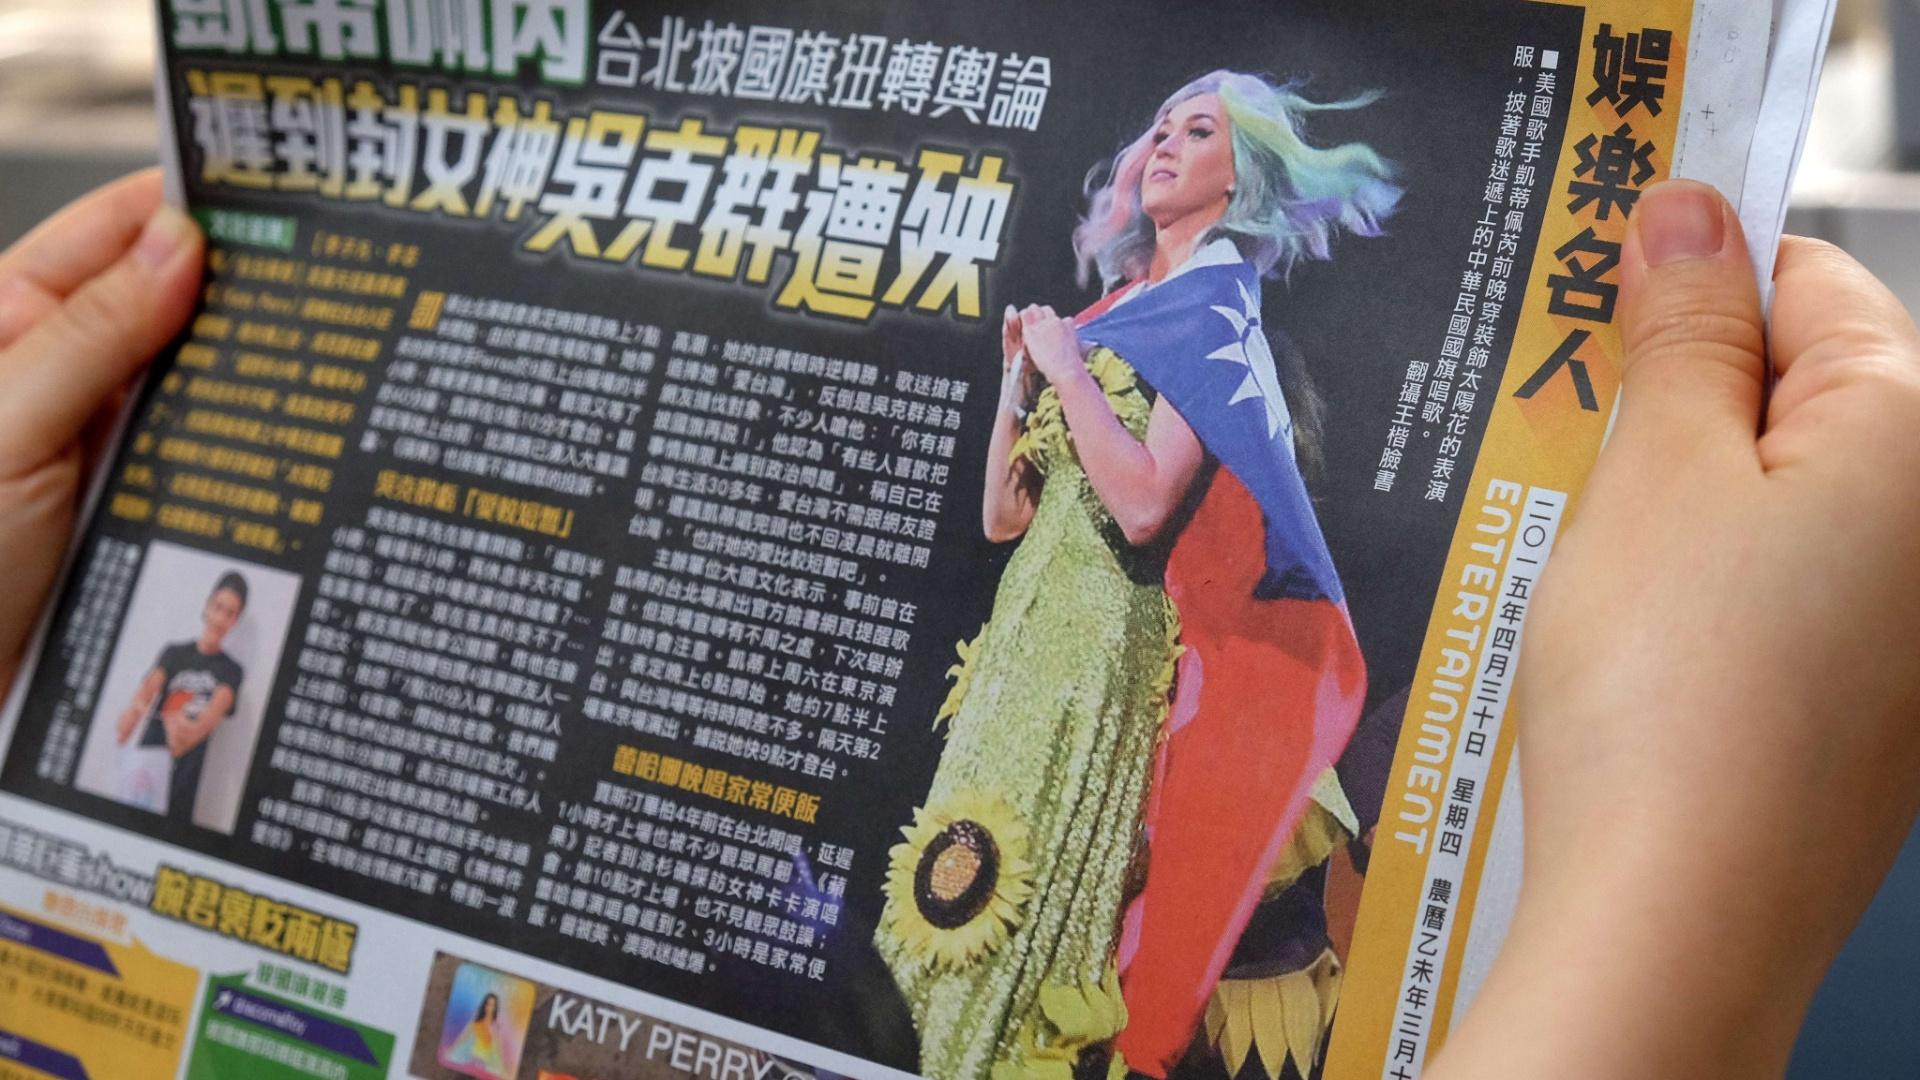 30.abr.2014 - Jornal de Taiwan mostra a cantora Katy Perry usando bandeira local